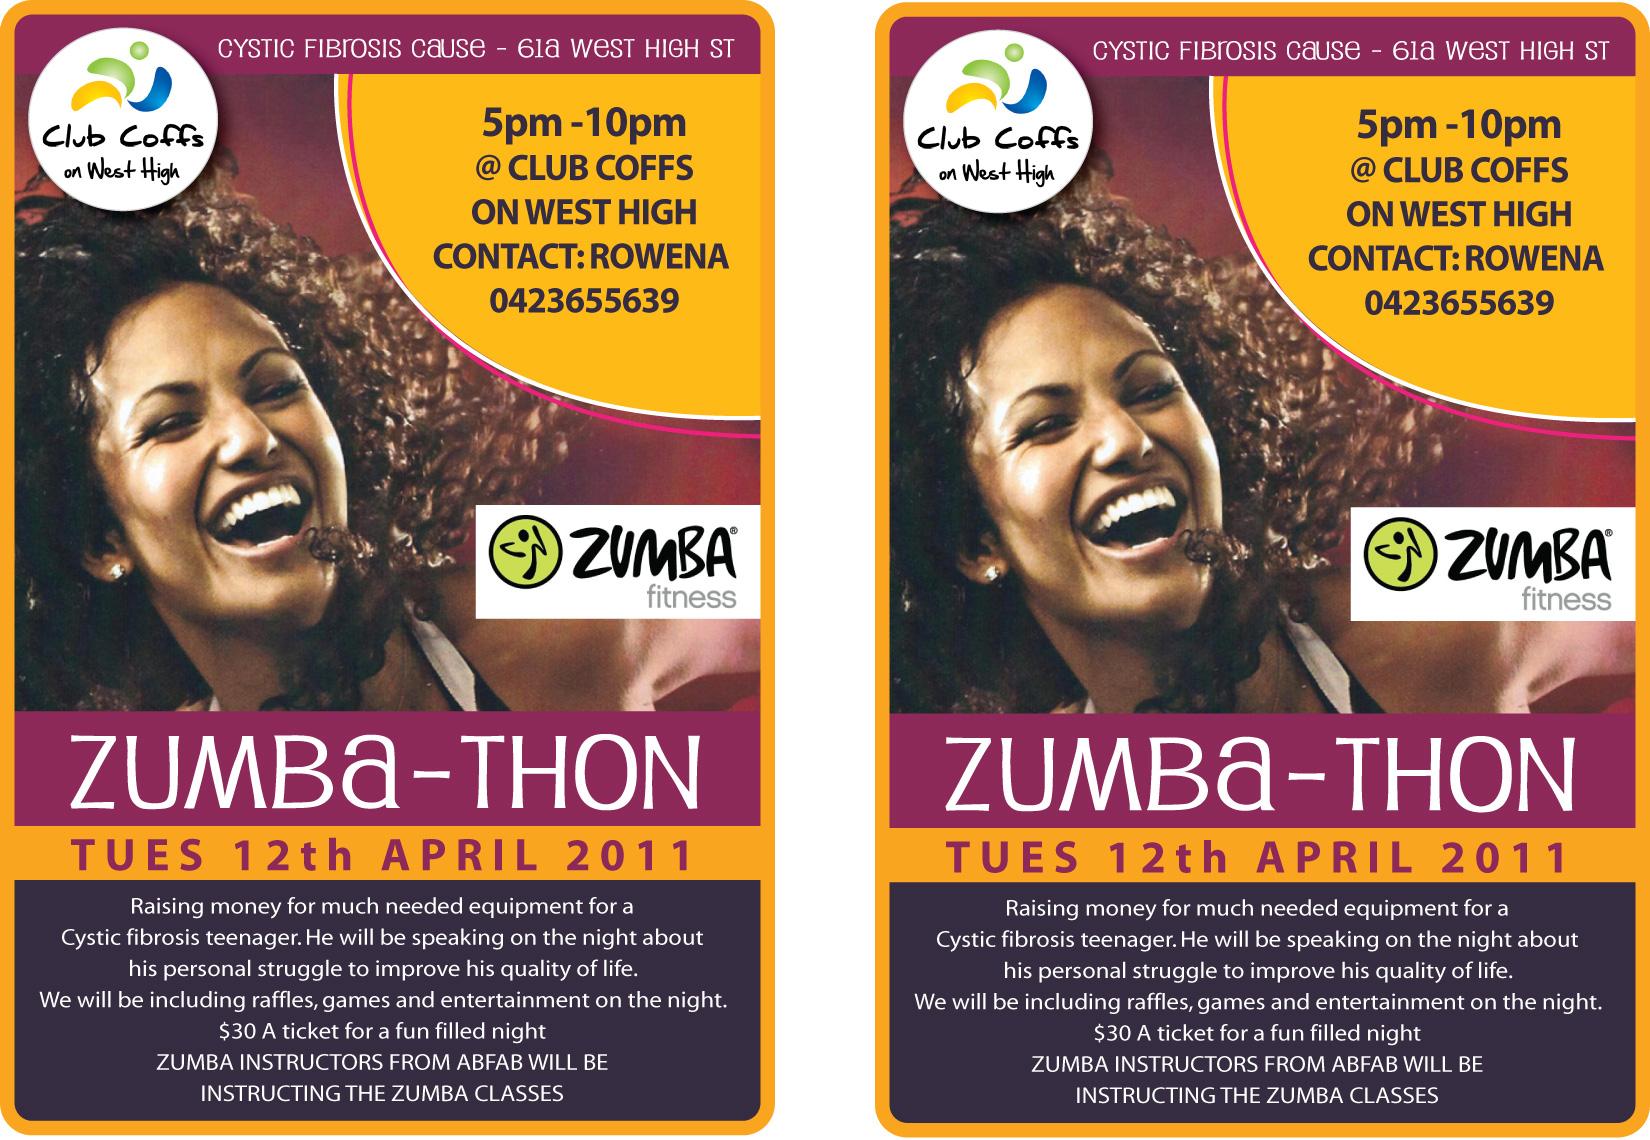 Zumbathon Flyer View a printable A5 flyer hereZumbathon Flyer